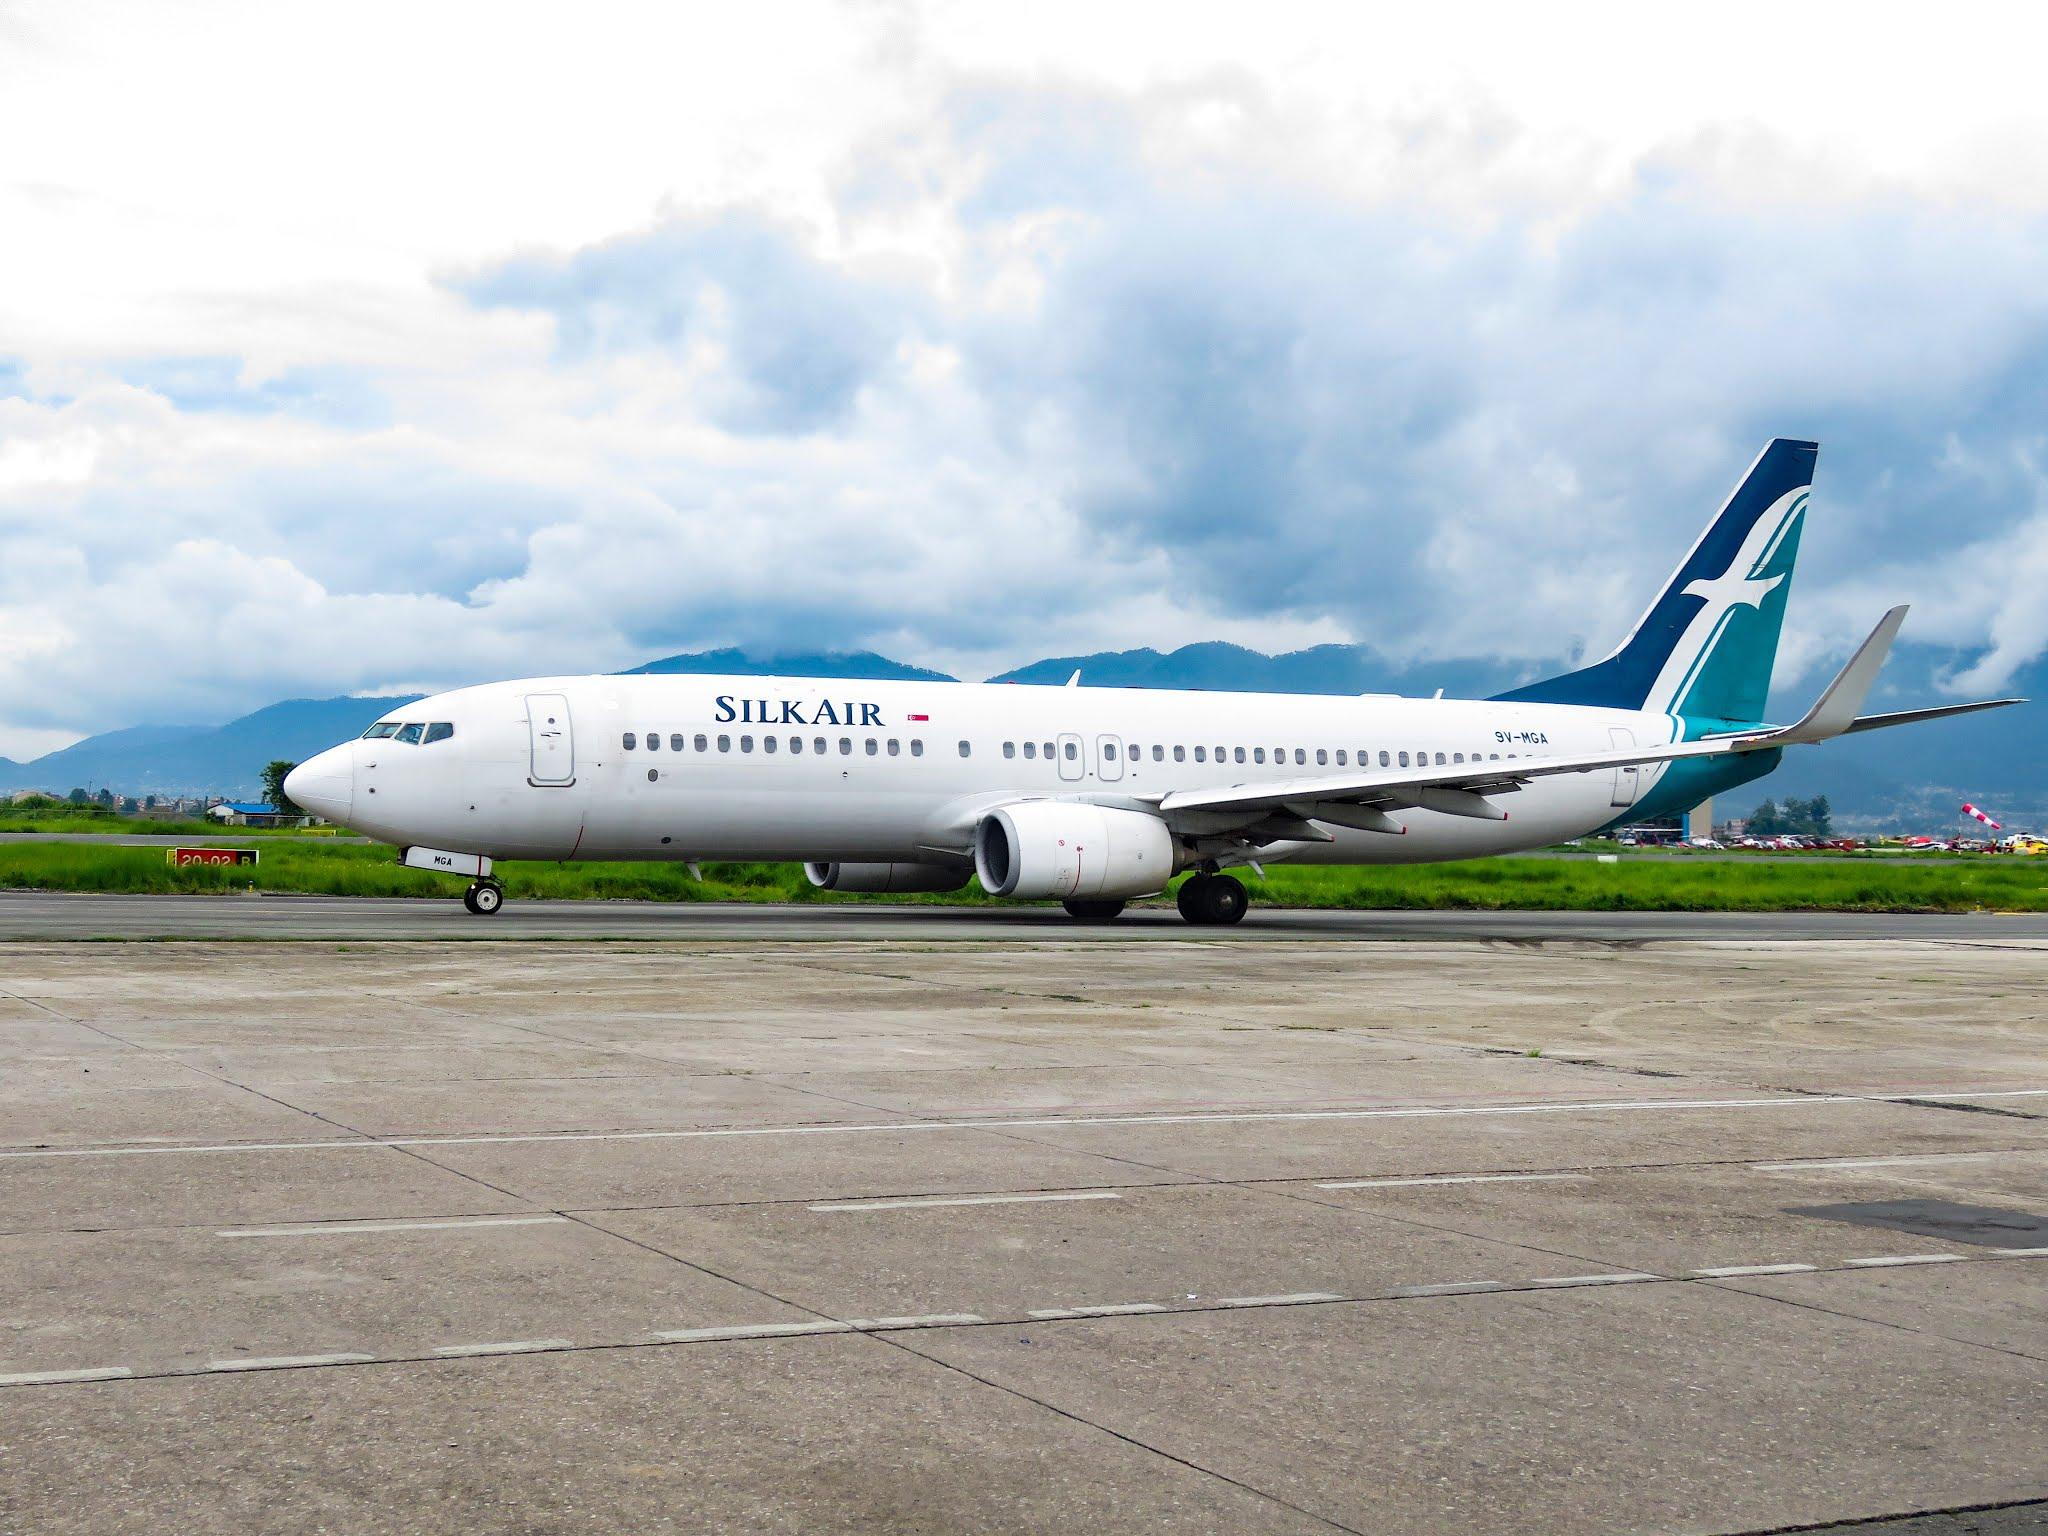 Silk Air Boeing 737